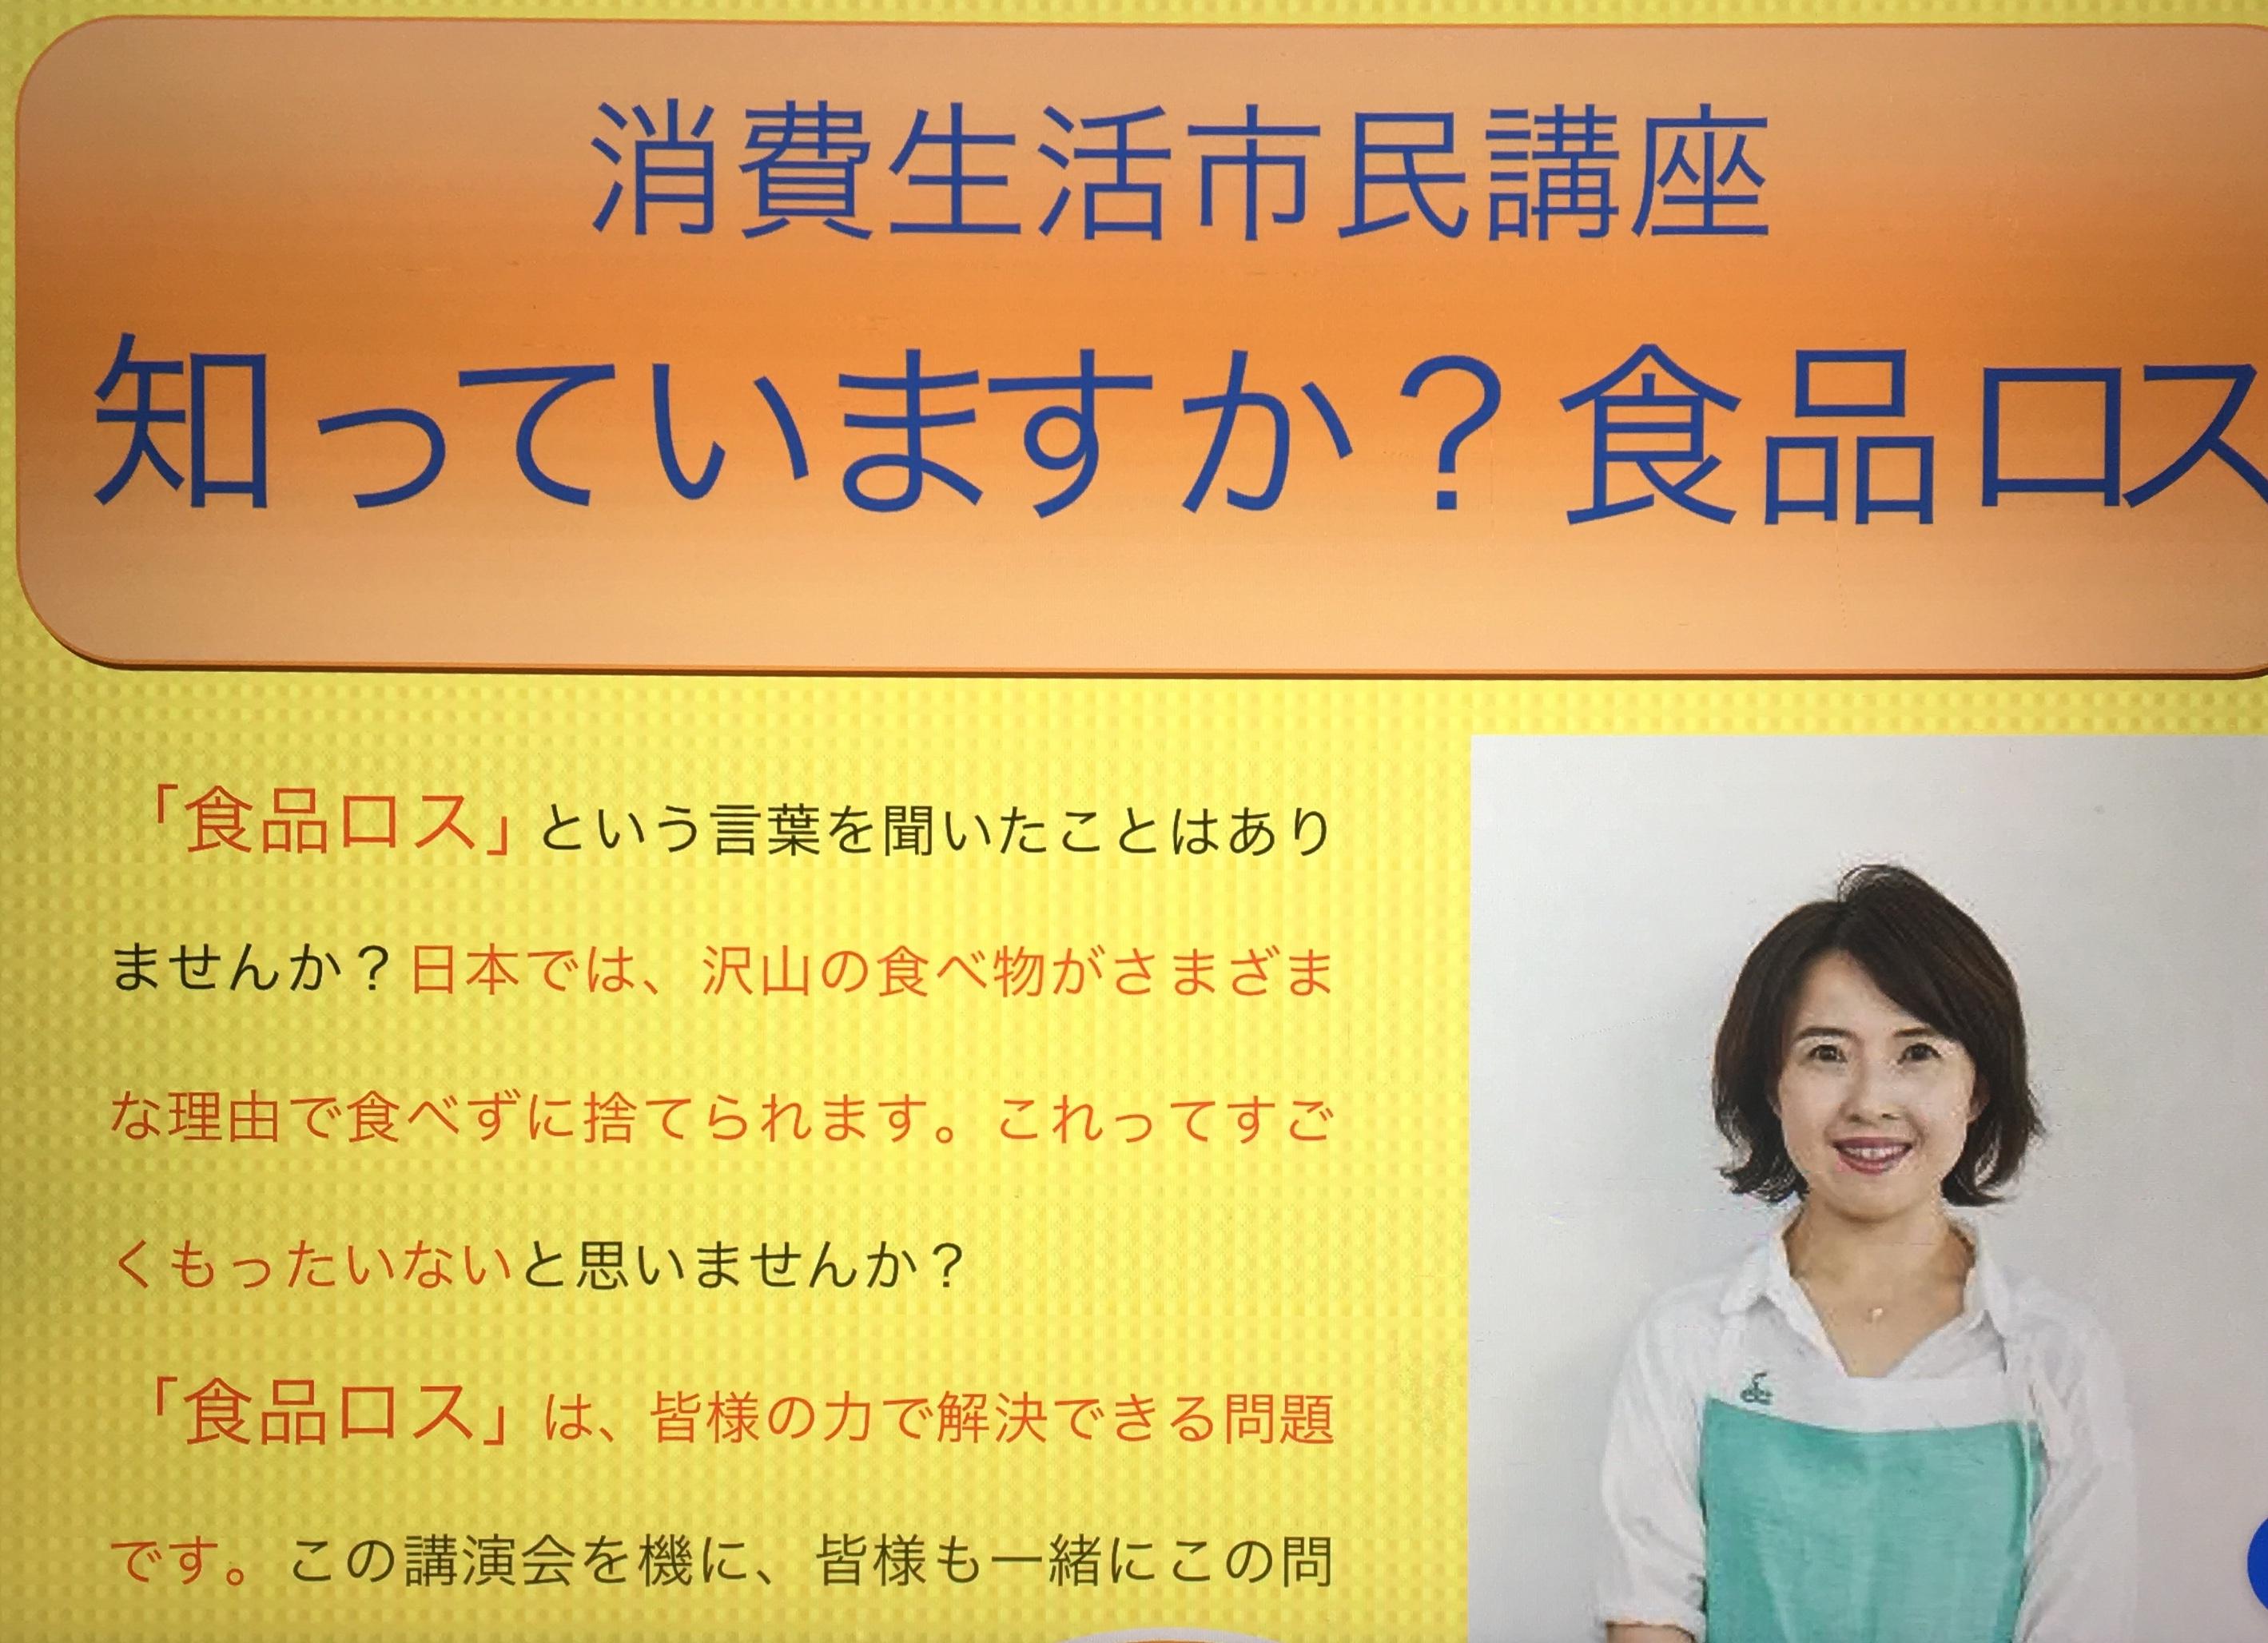 【掲載】産経新聞:茨城県下妻市講演会2/24「知っていますか?食品ロス」